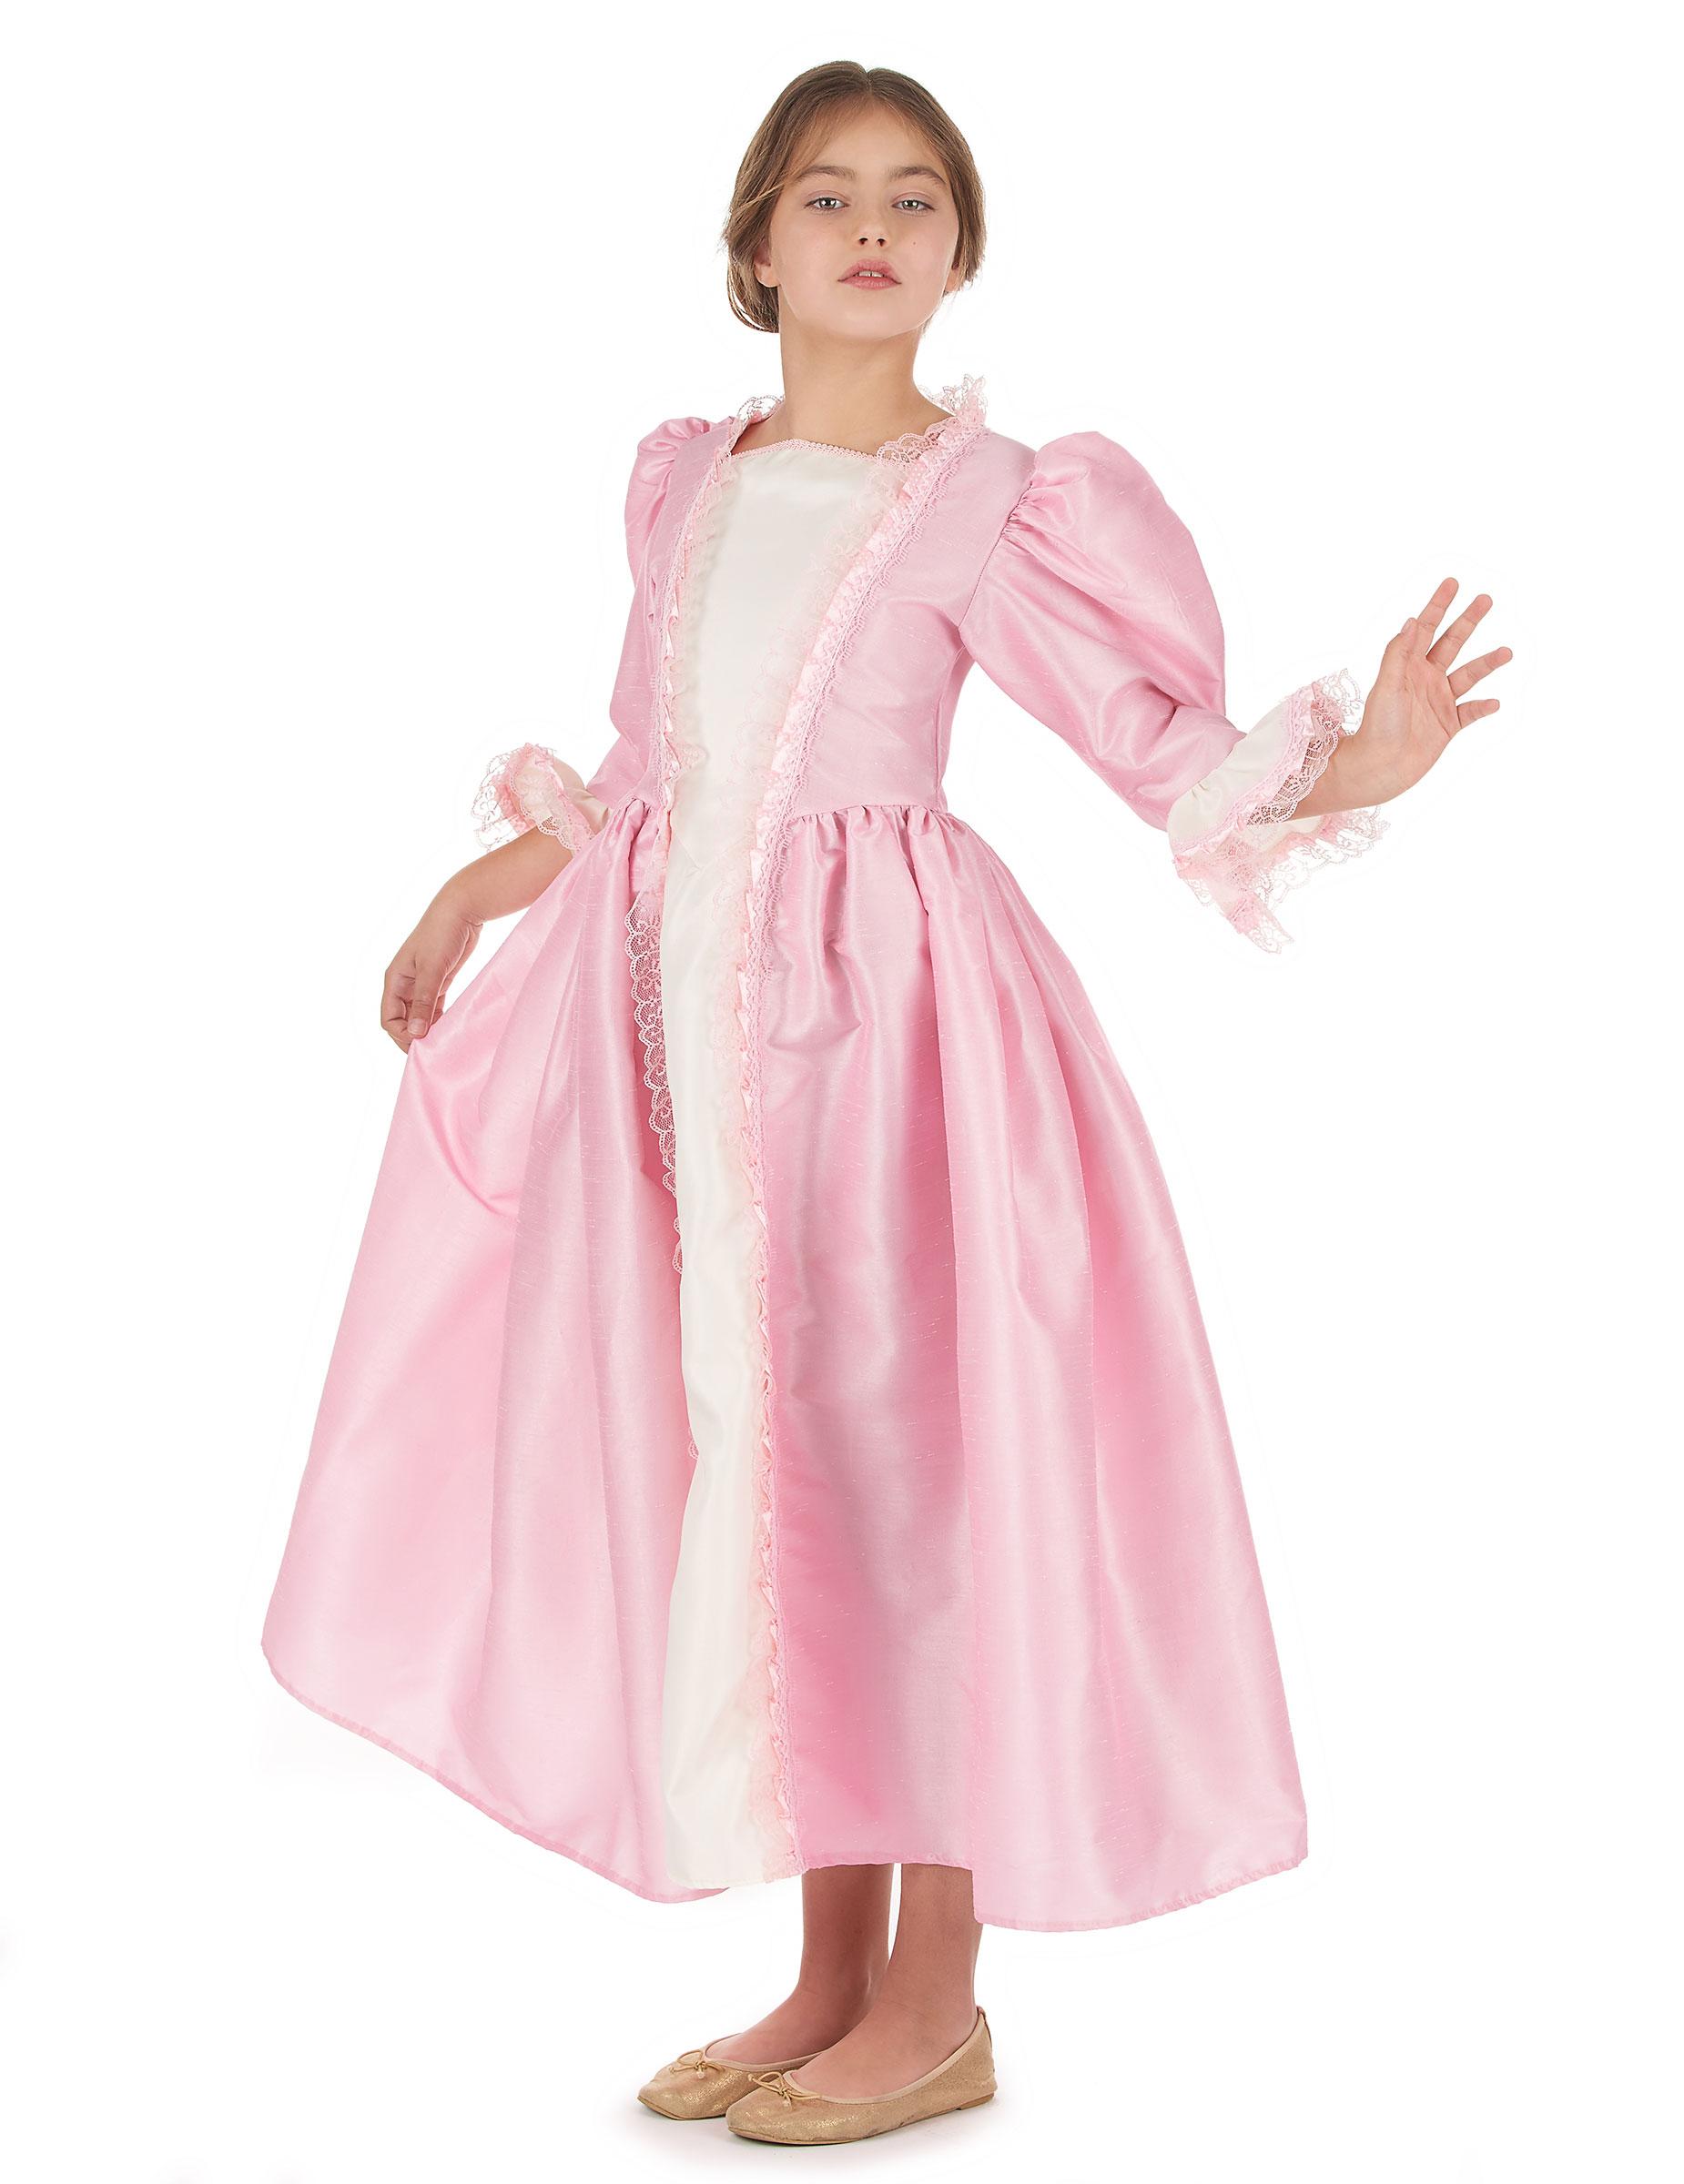 Increíble Vestido Corto De La Boda Marquesa Elaboración - Colección ...